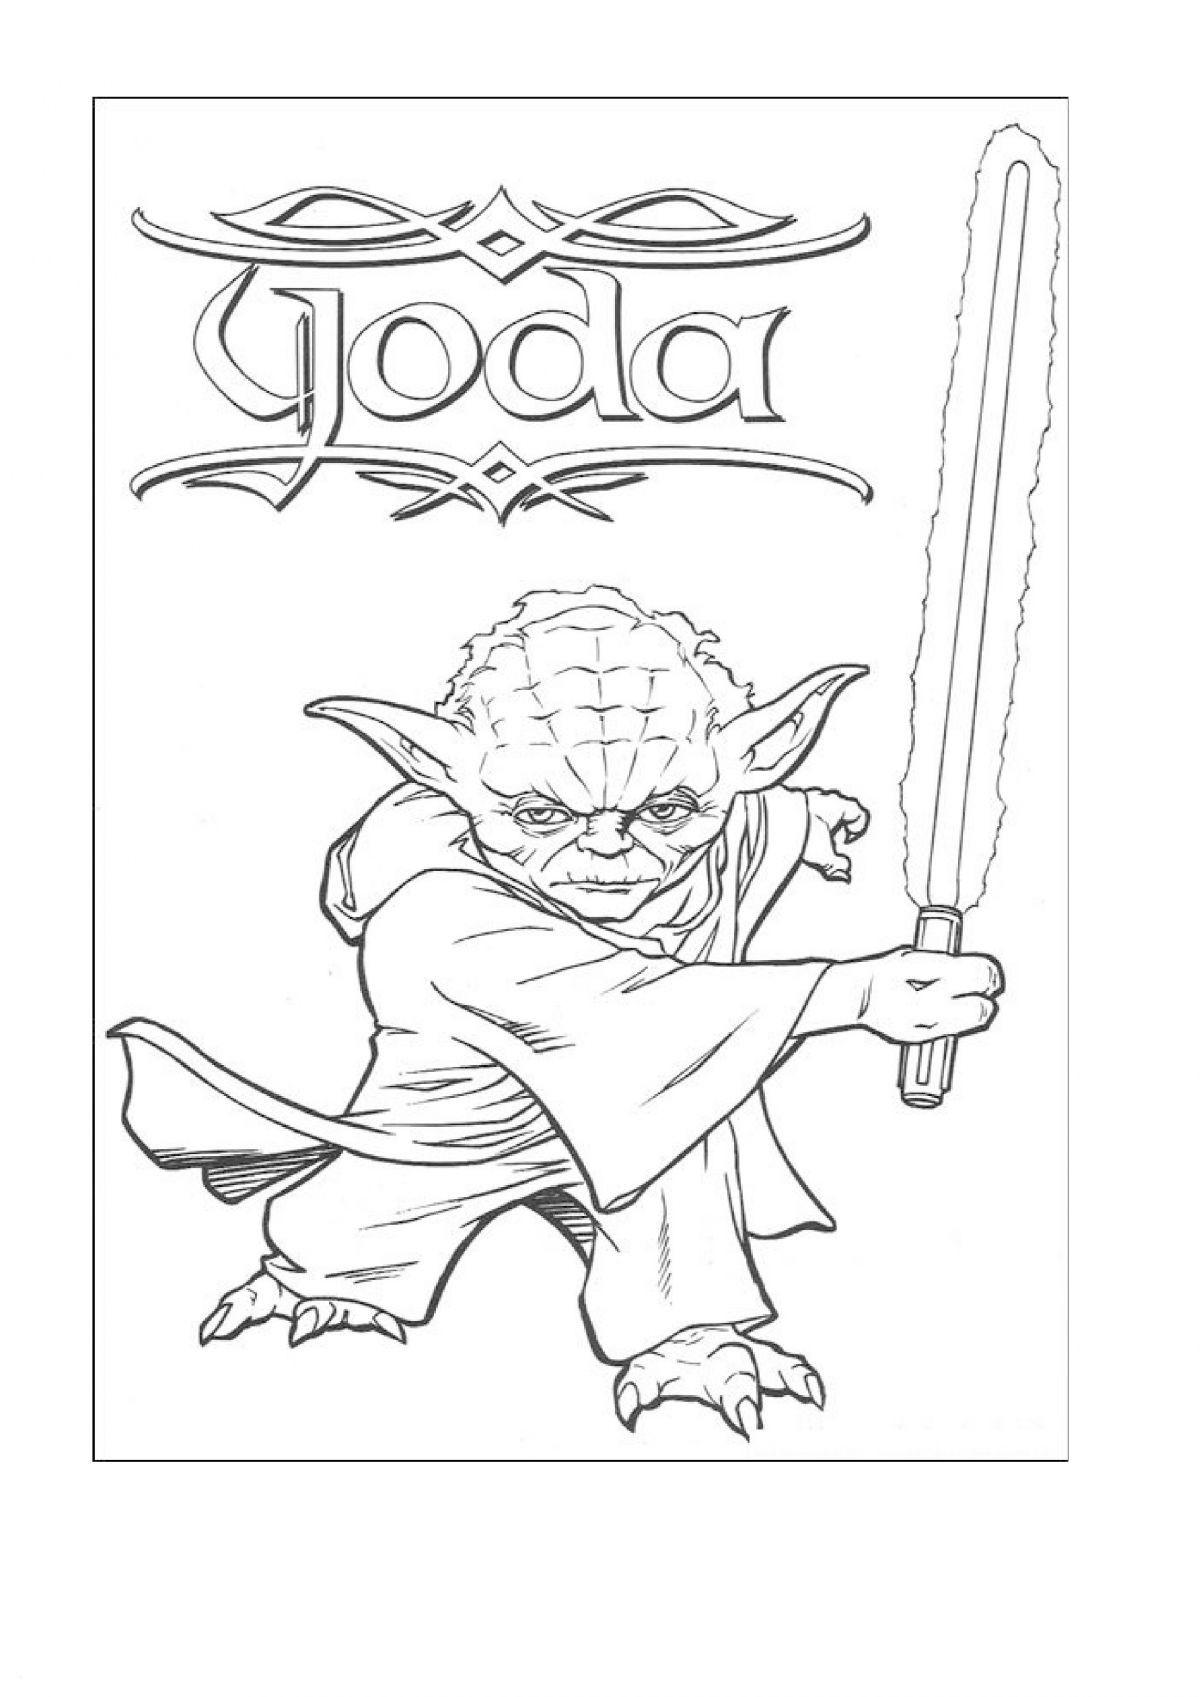 Star Wars Ausmalbilder Zum Ausdrucken Frisch Star Wars Ausmalbilder Drucken Frisch Yoda Ausmalbilder Elegant Star Bild